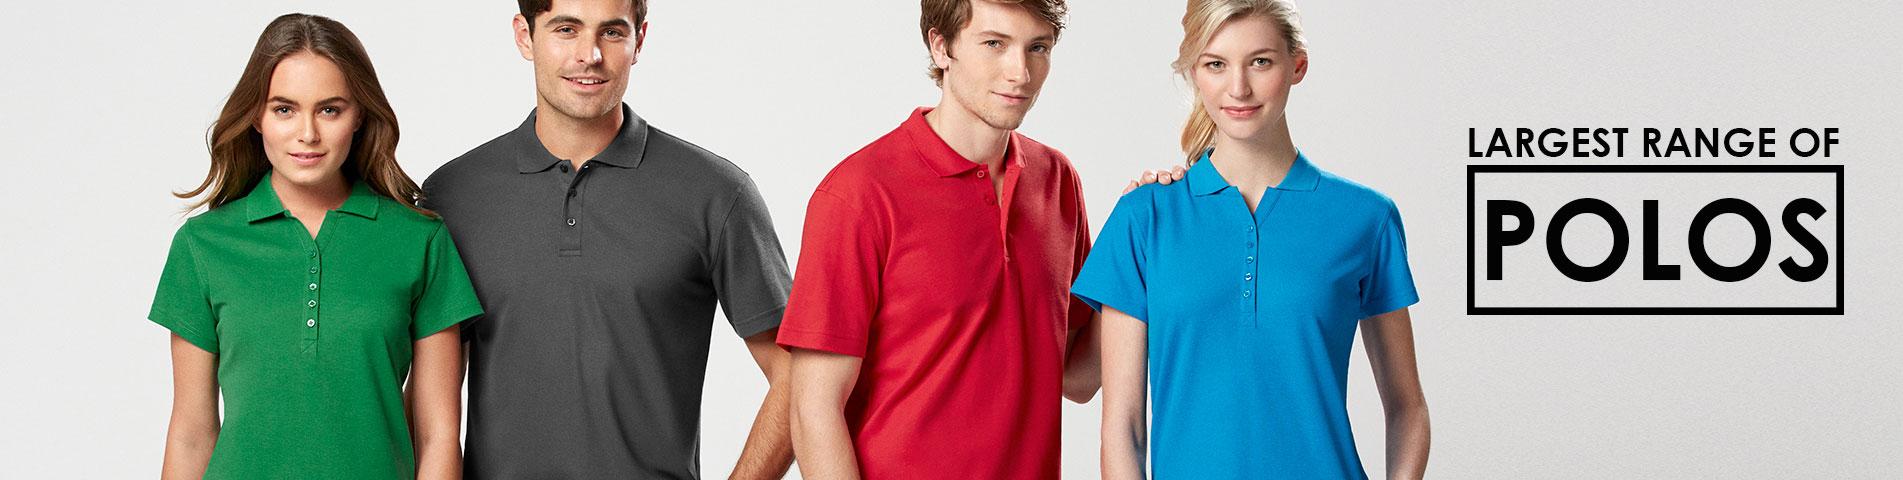 Wholesale Uniform Supplier Australia | Uniform Super Store